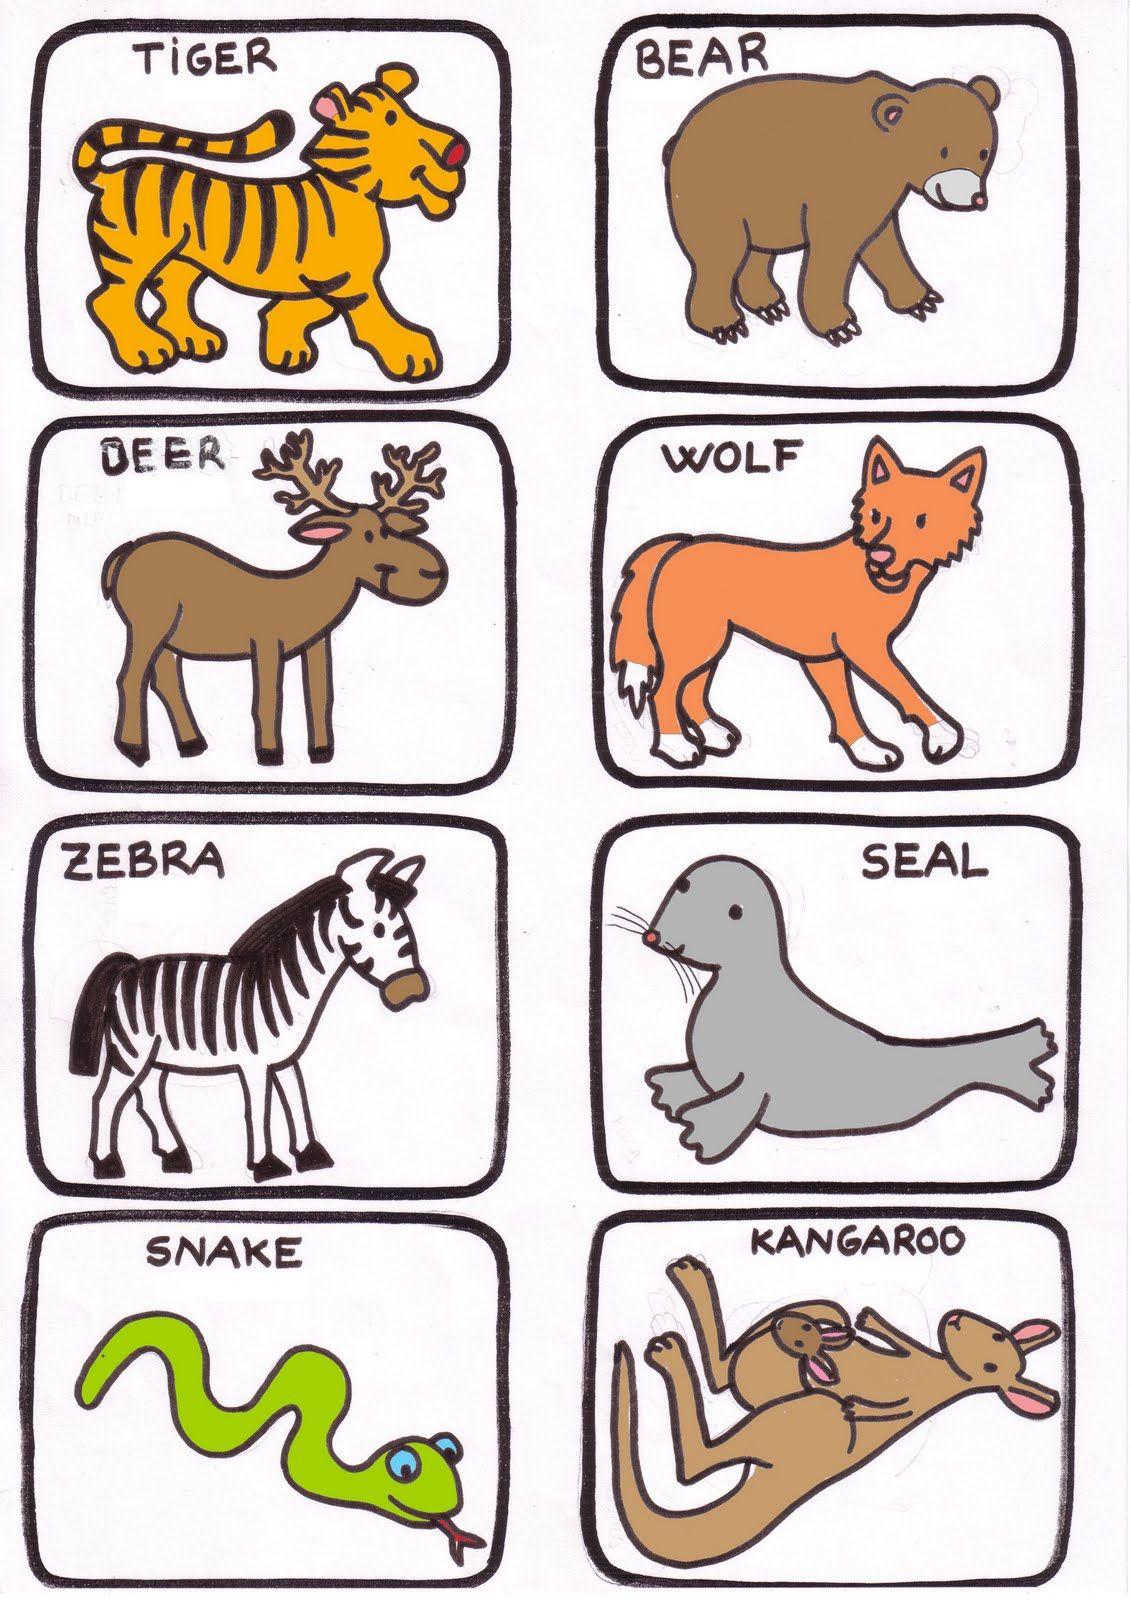 Animales Salvajes En Ingles Imagui Lección De Inglés Fichas De